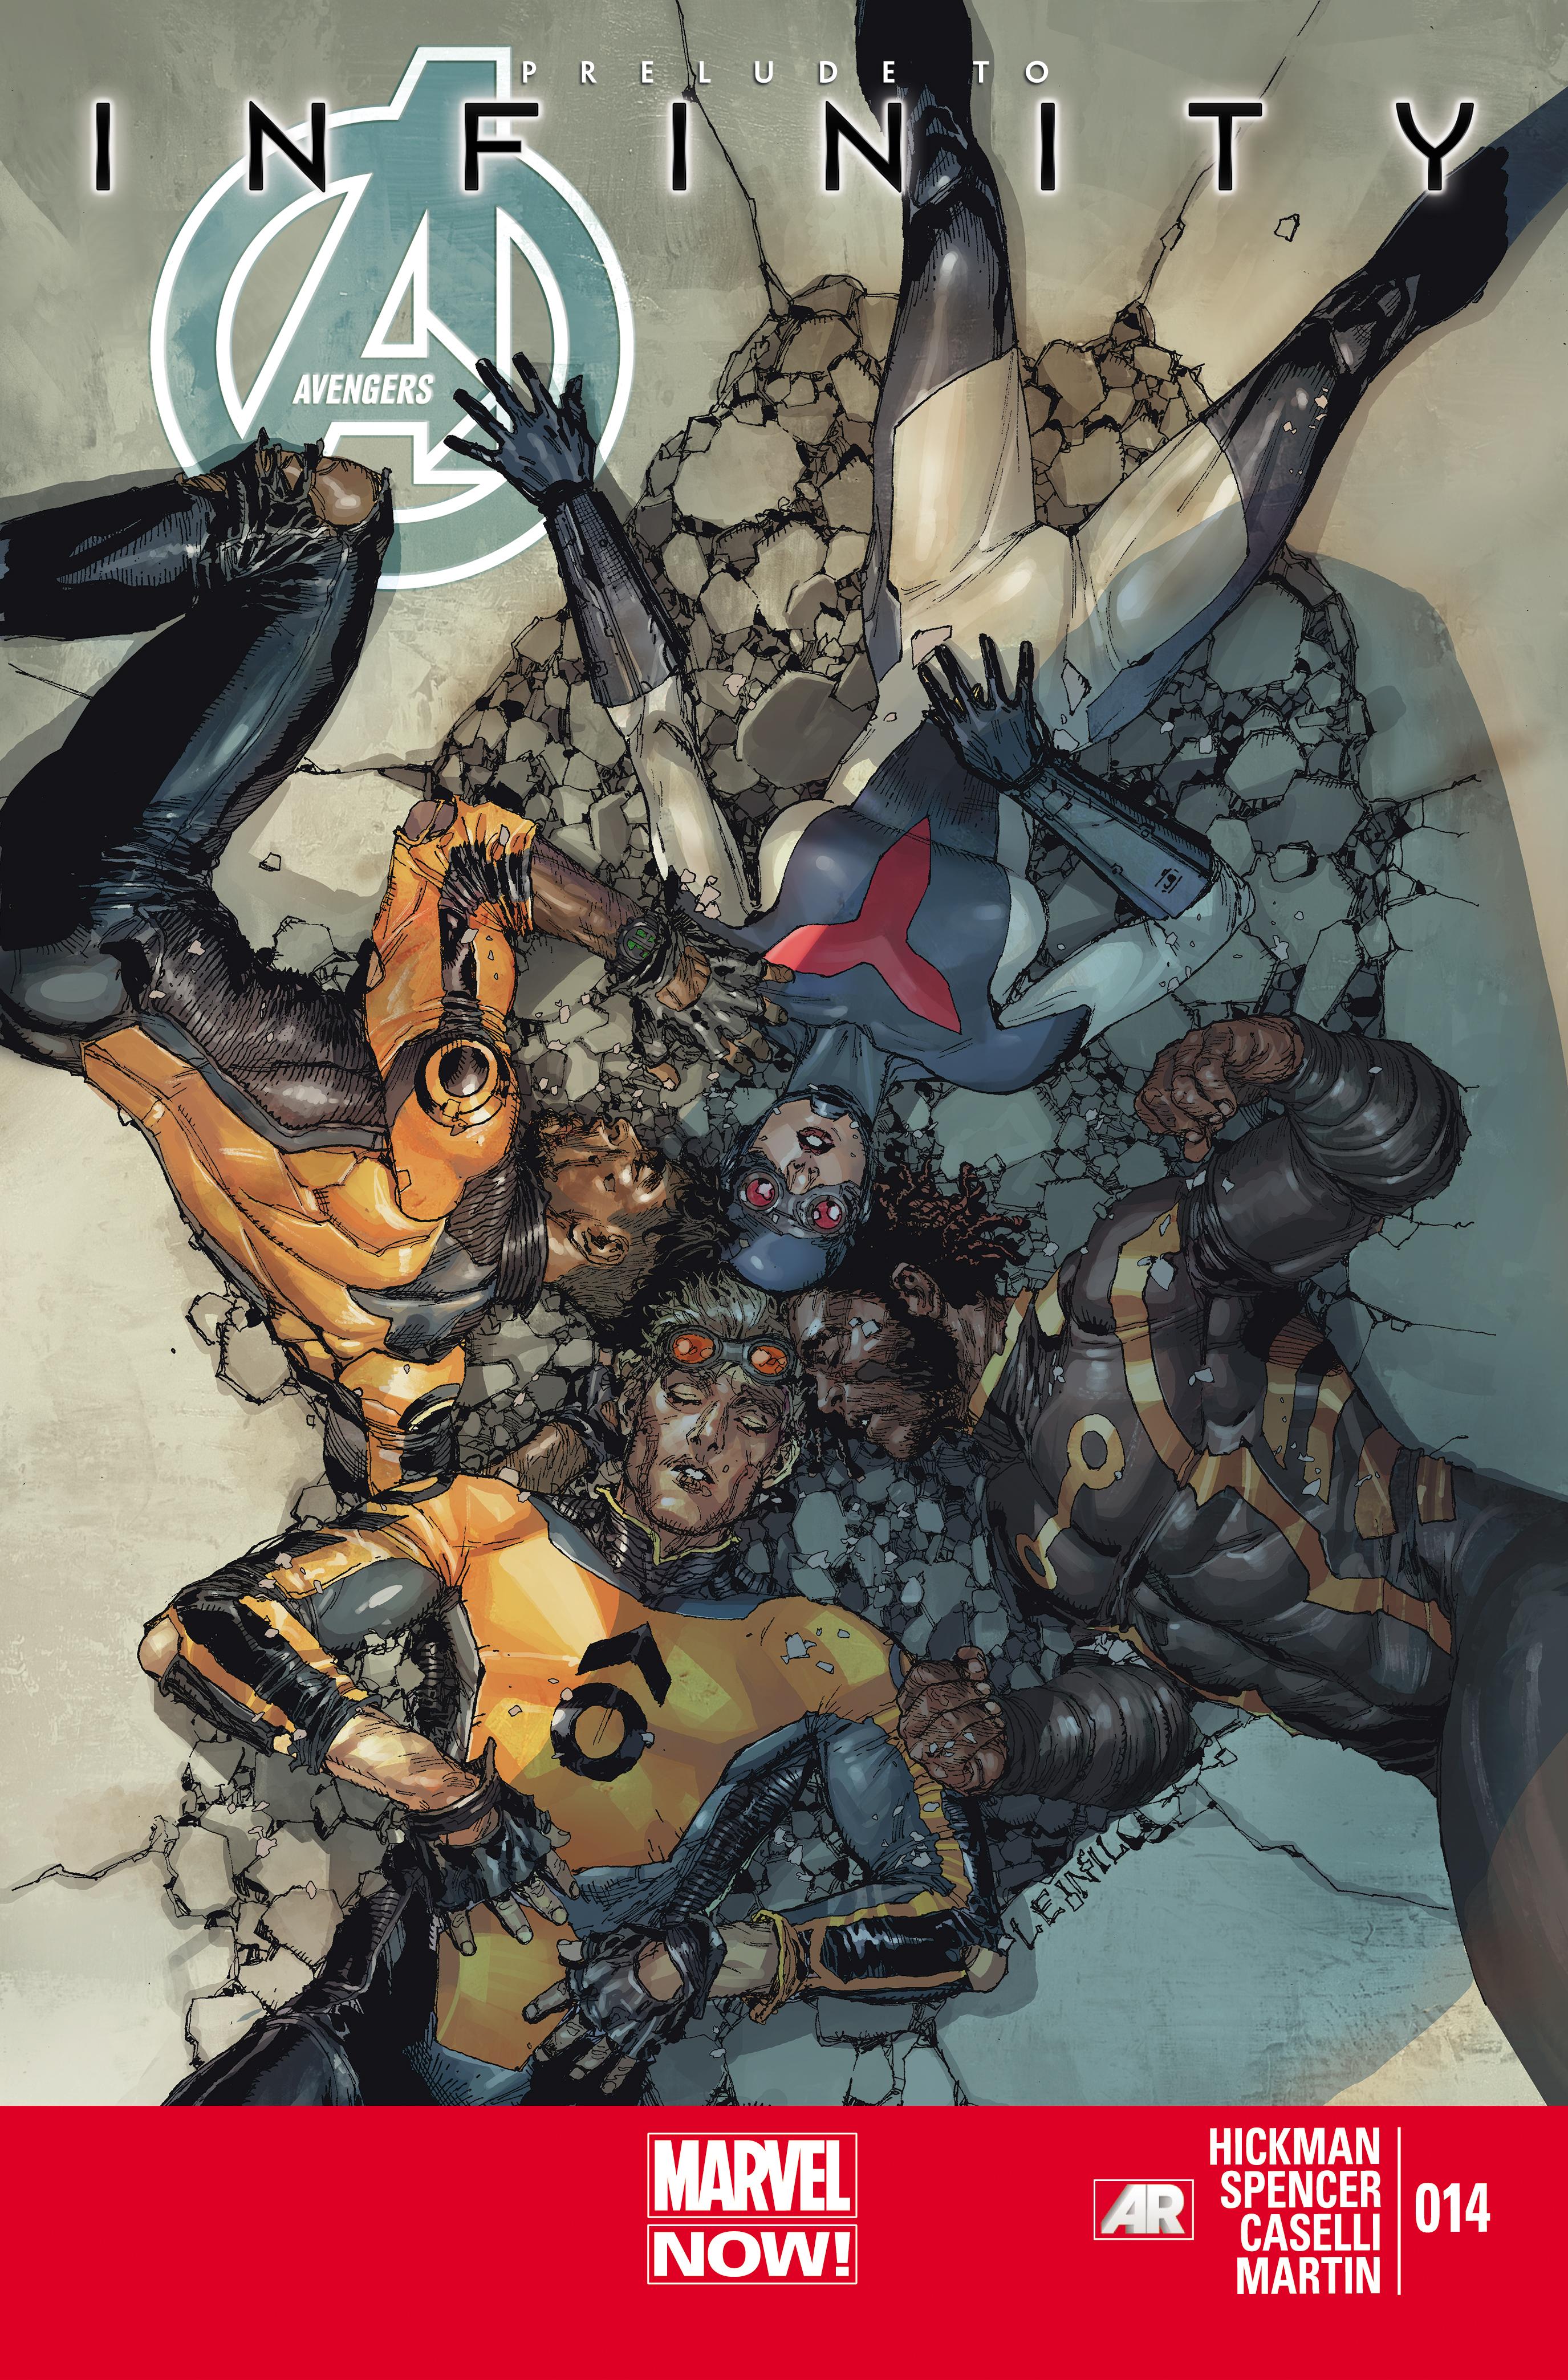 Avengers (2012) #14